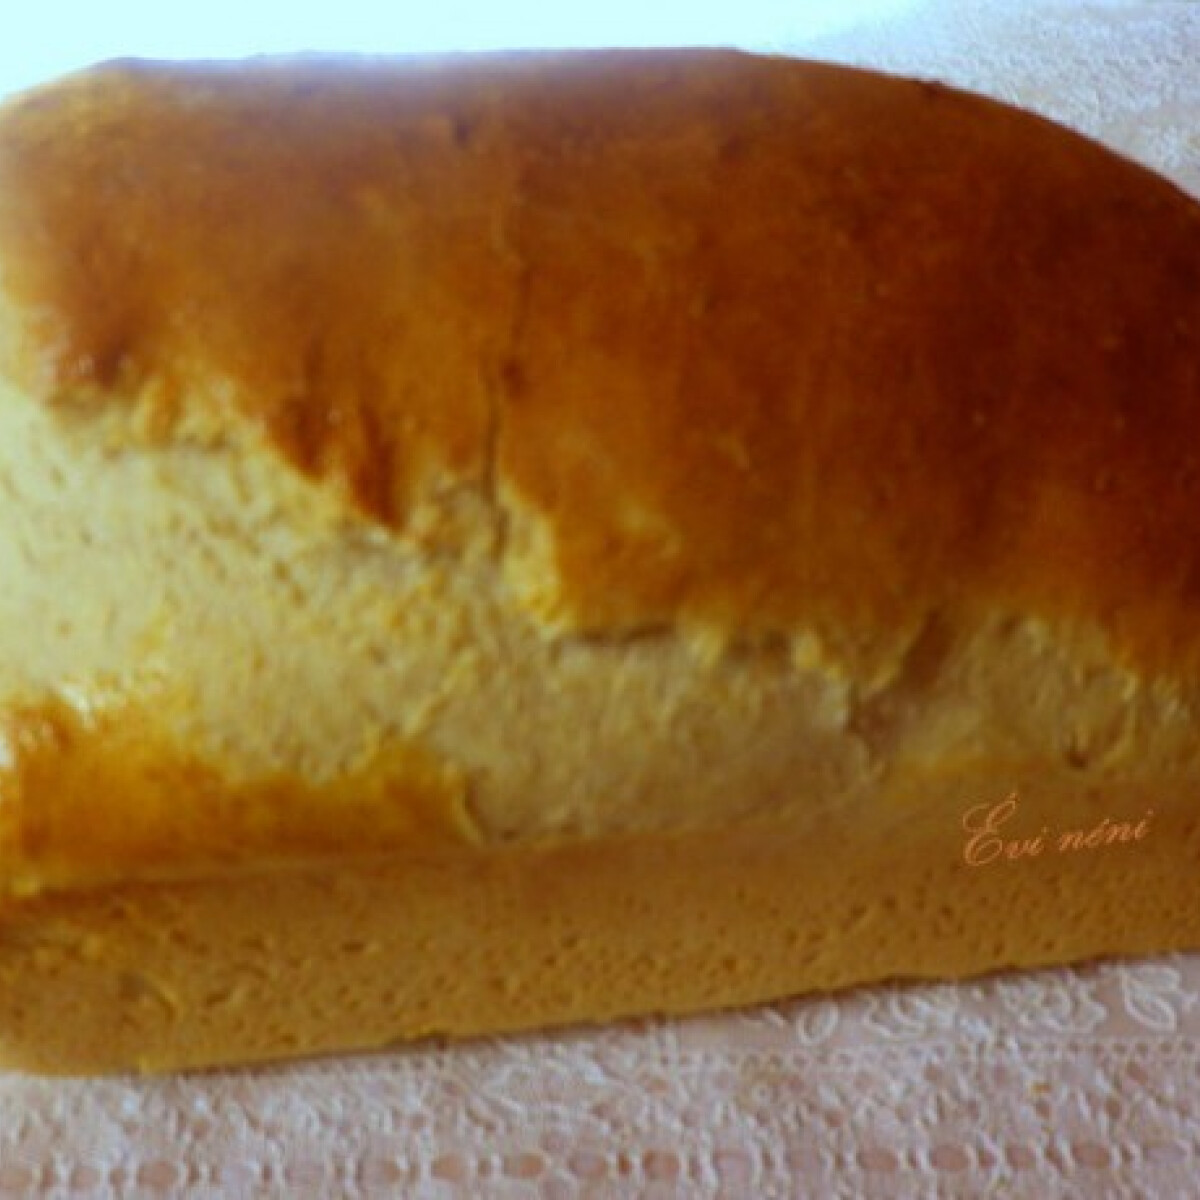 Ezen a képen: Fokhagymás kenyér Évi néni konyhájából